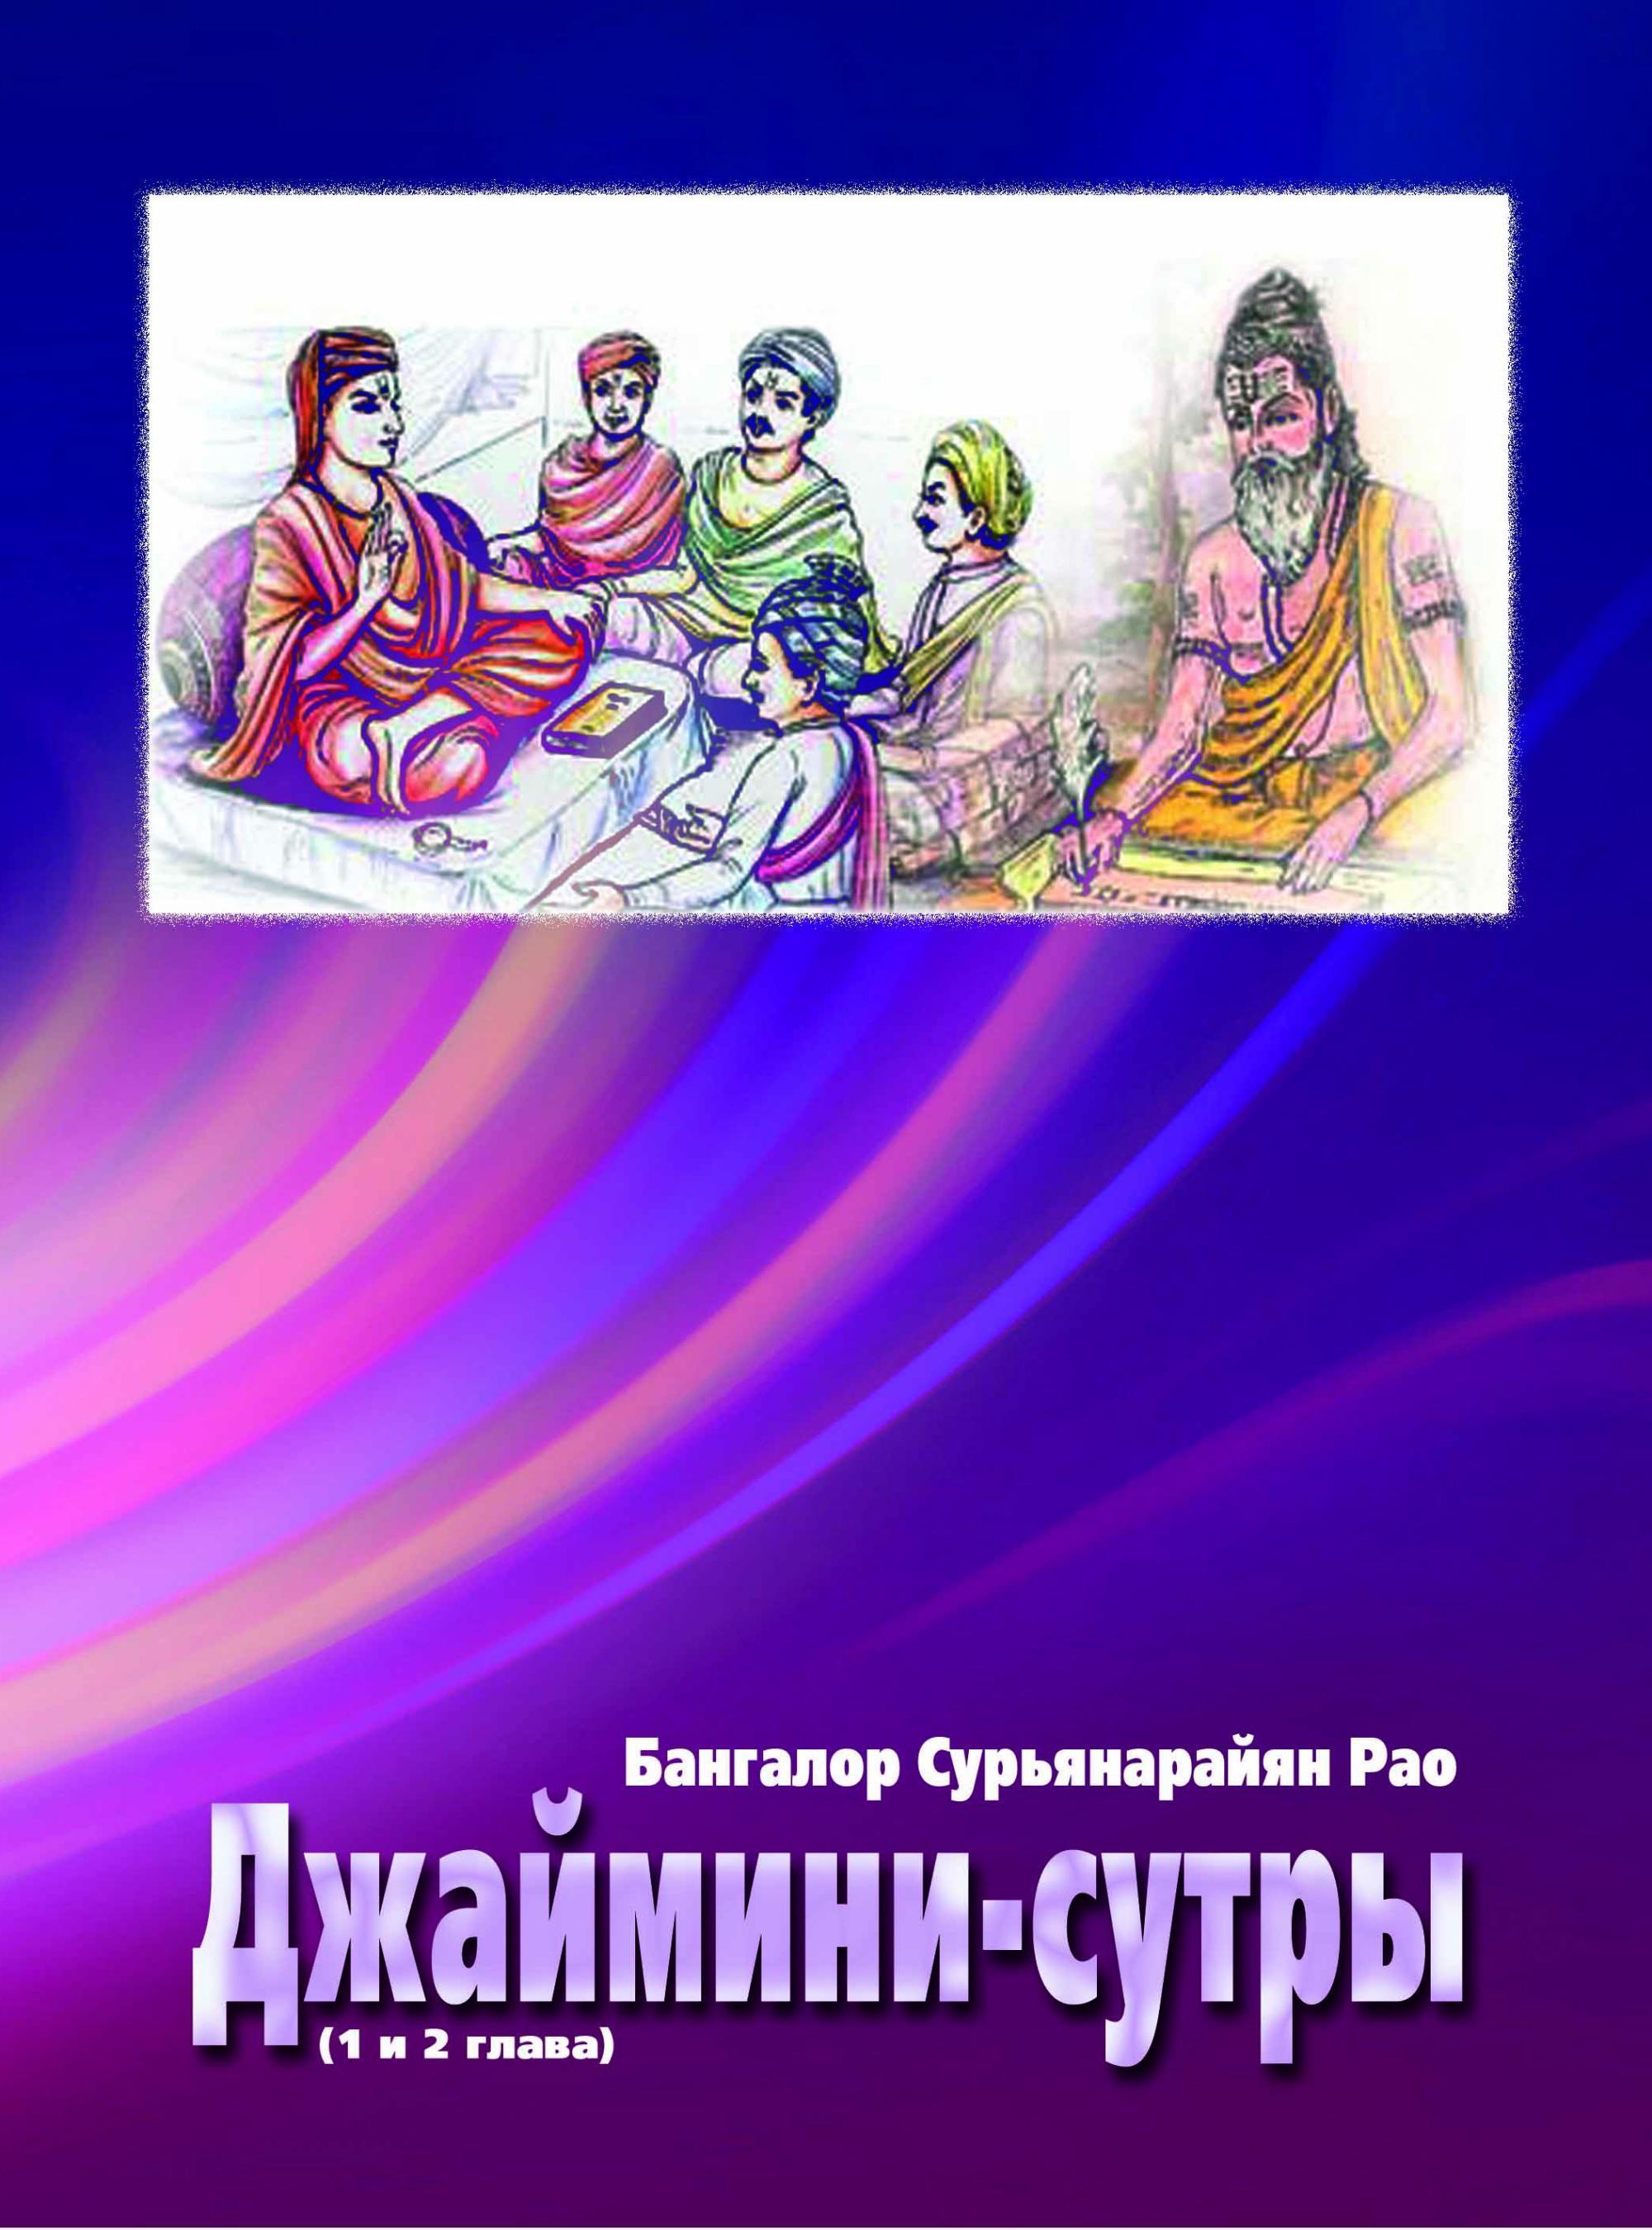 Джаймини-сутры -- перевод и комментарии: Бангалор Сурьянарайян Рао